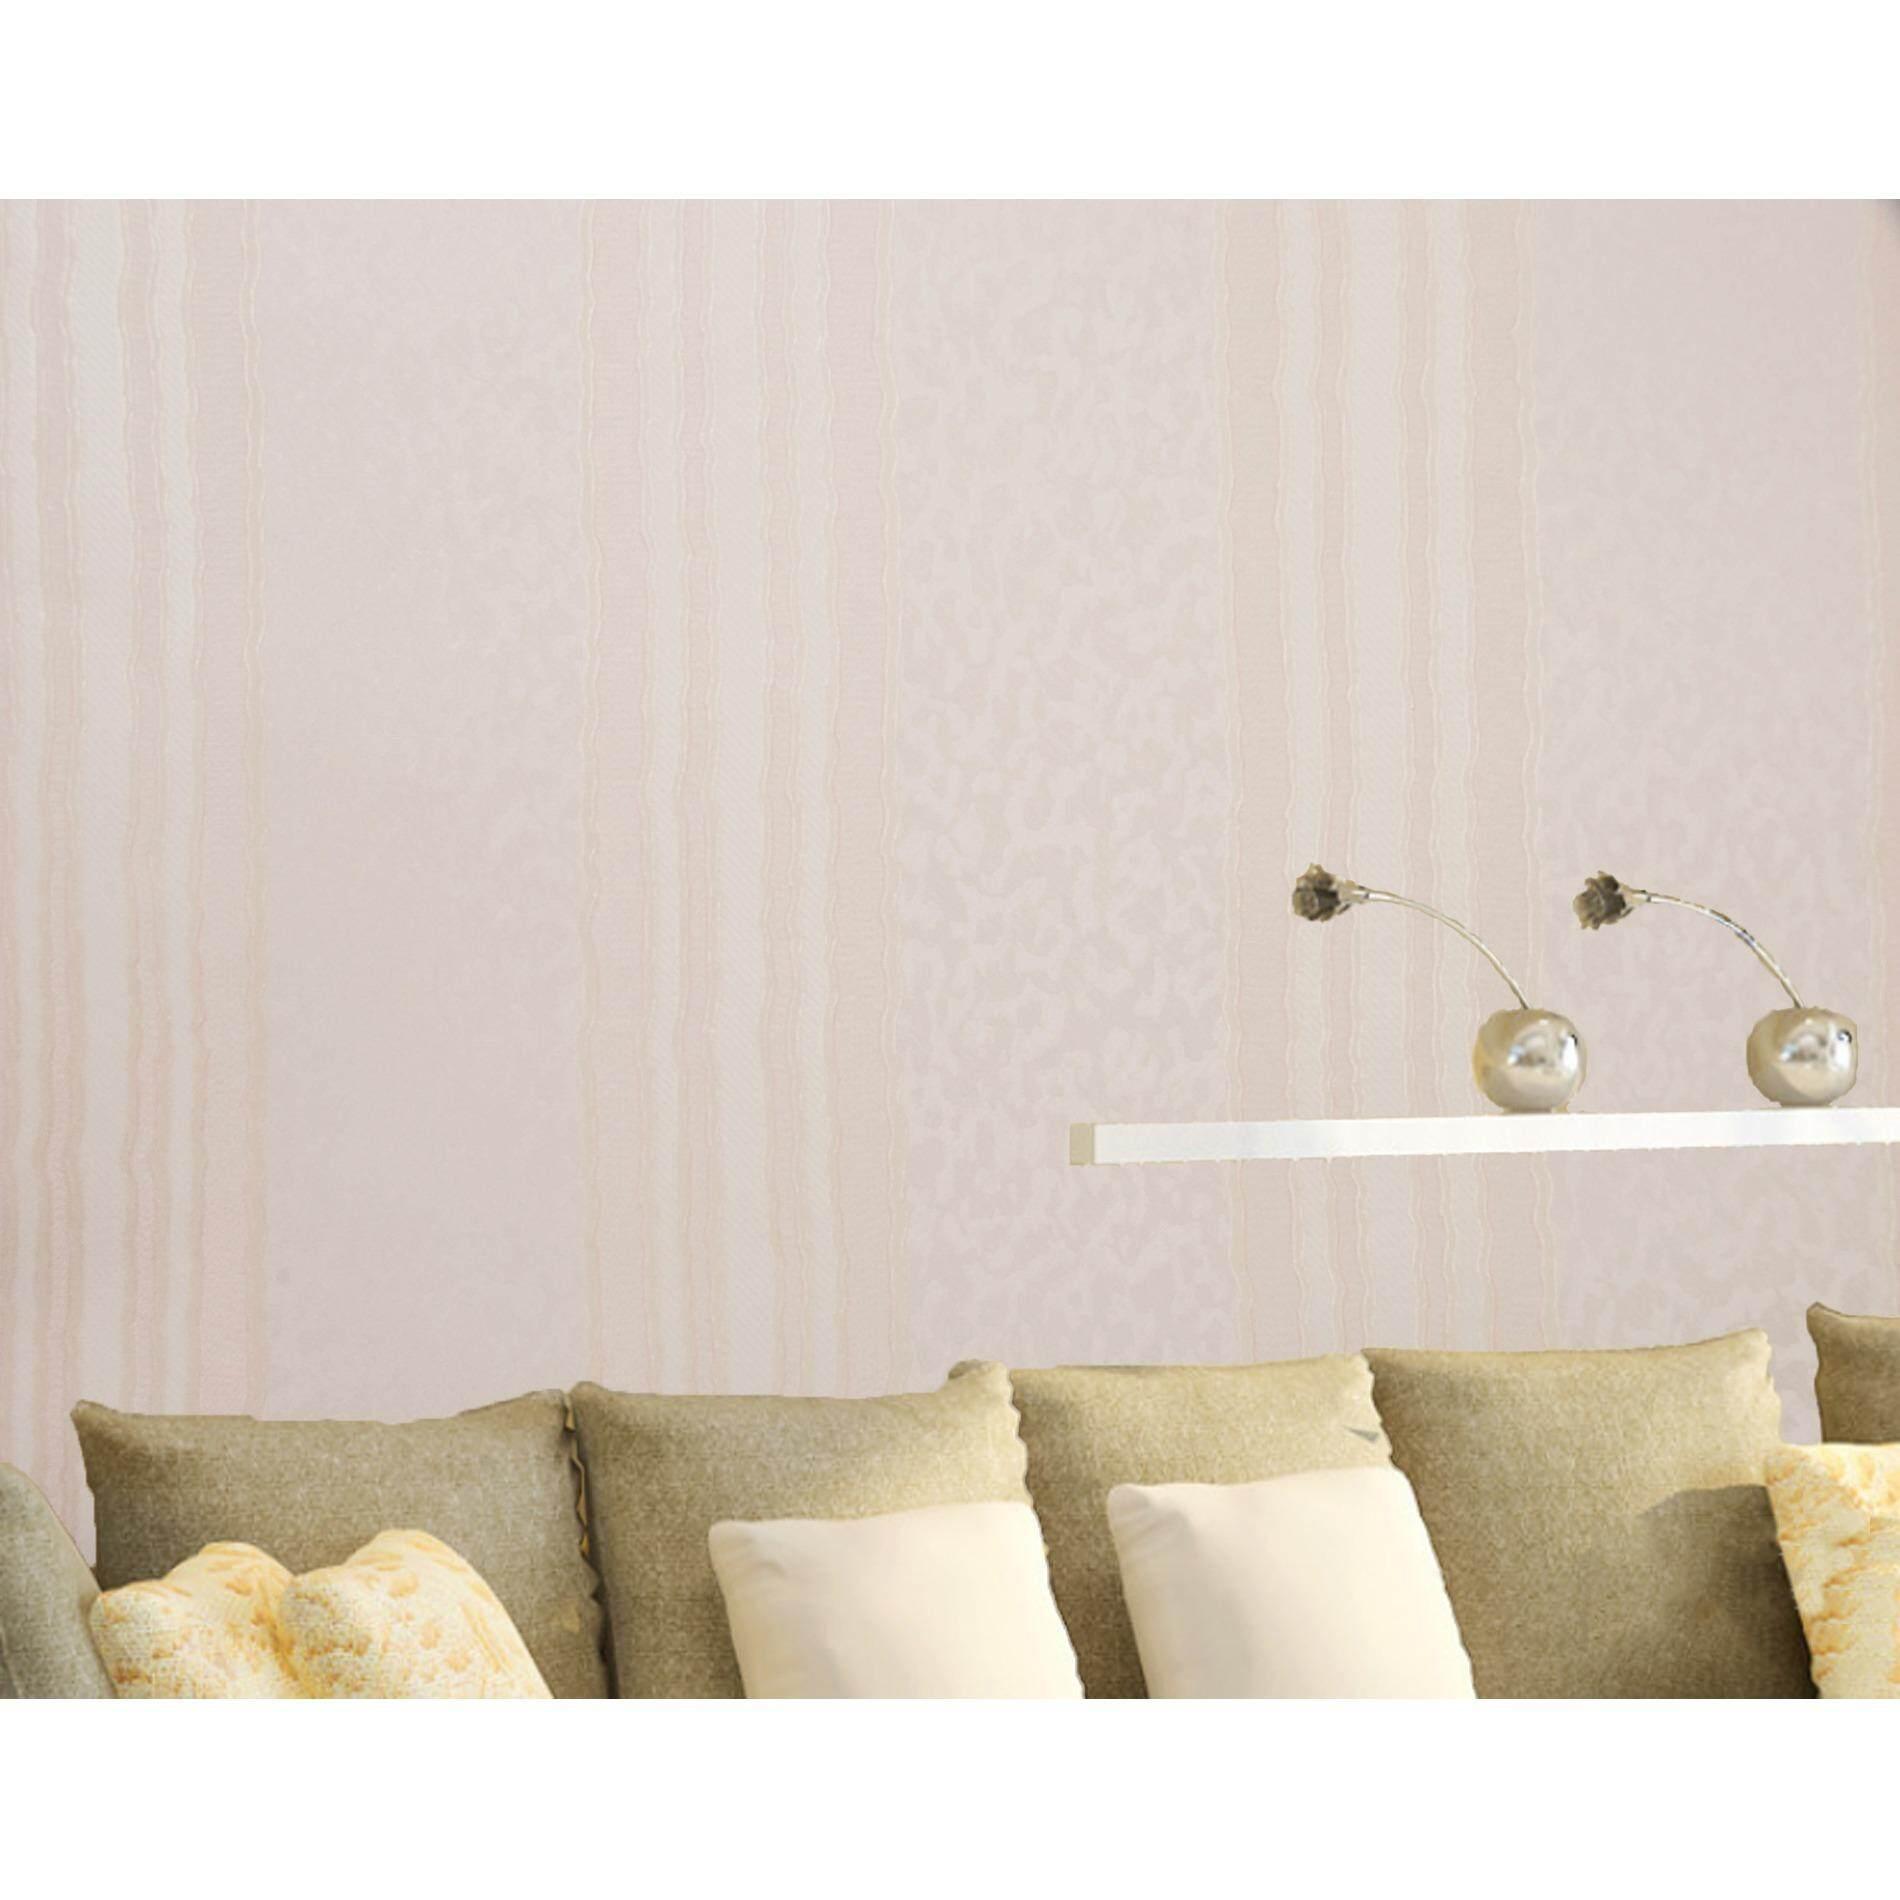 ซื้อ Homily Wallpaper รุ่น Cl 970502 โทนสีขาวมุก ลายตรงเหลืองชมพูอ่อน